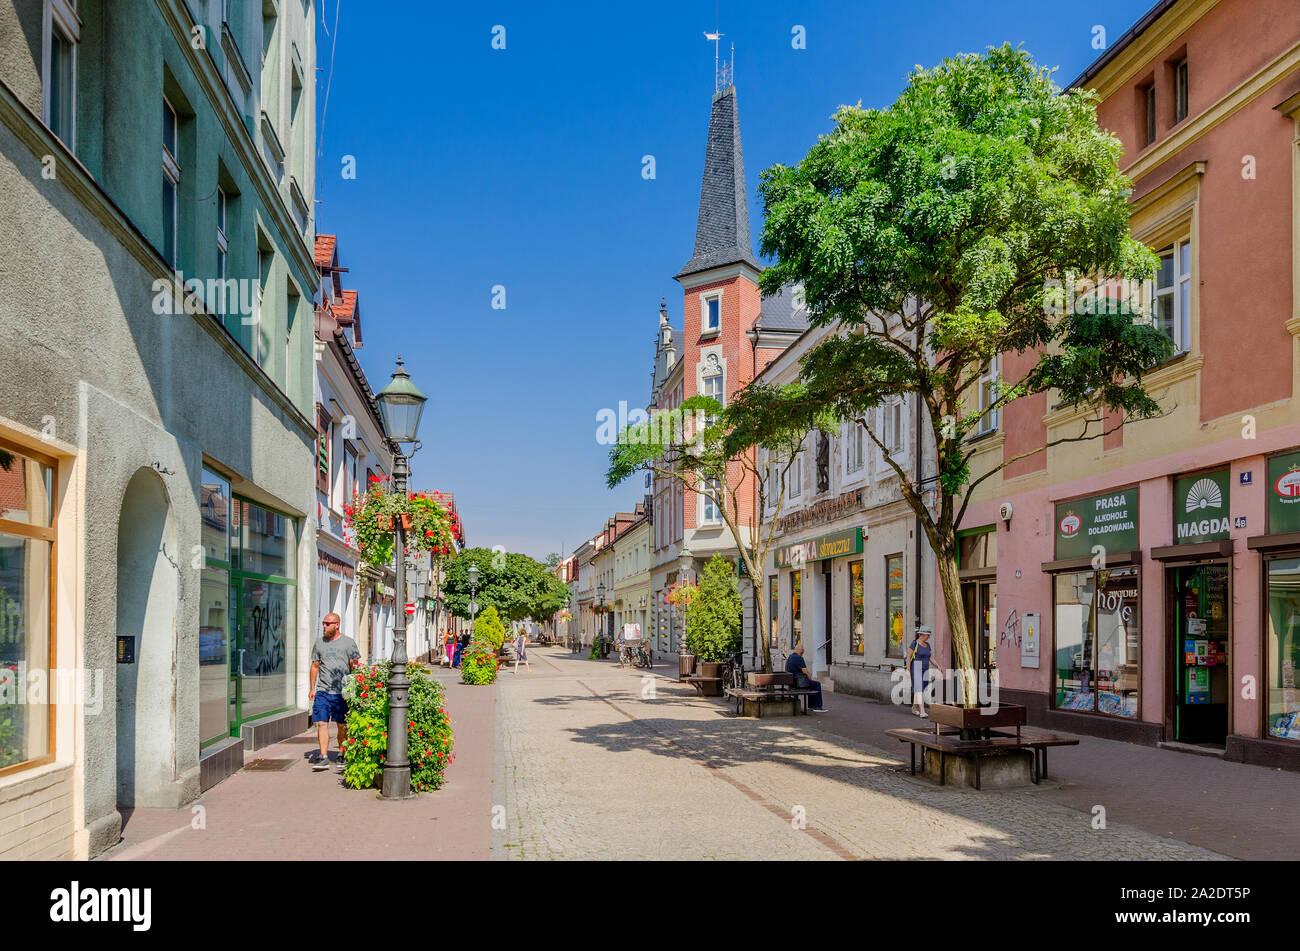 Pszczyna (ger.: Pless), Silesian province, Poland. Piastowska street, old town district. Stock Photo